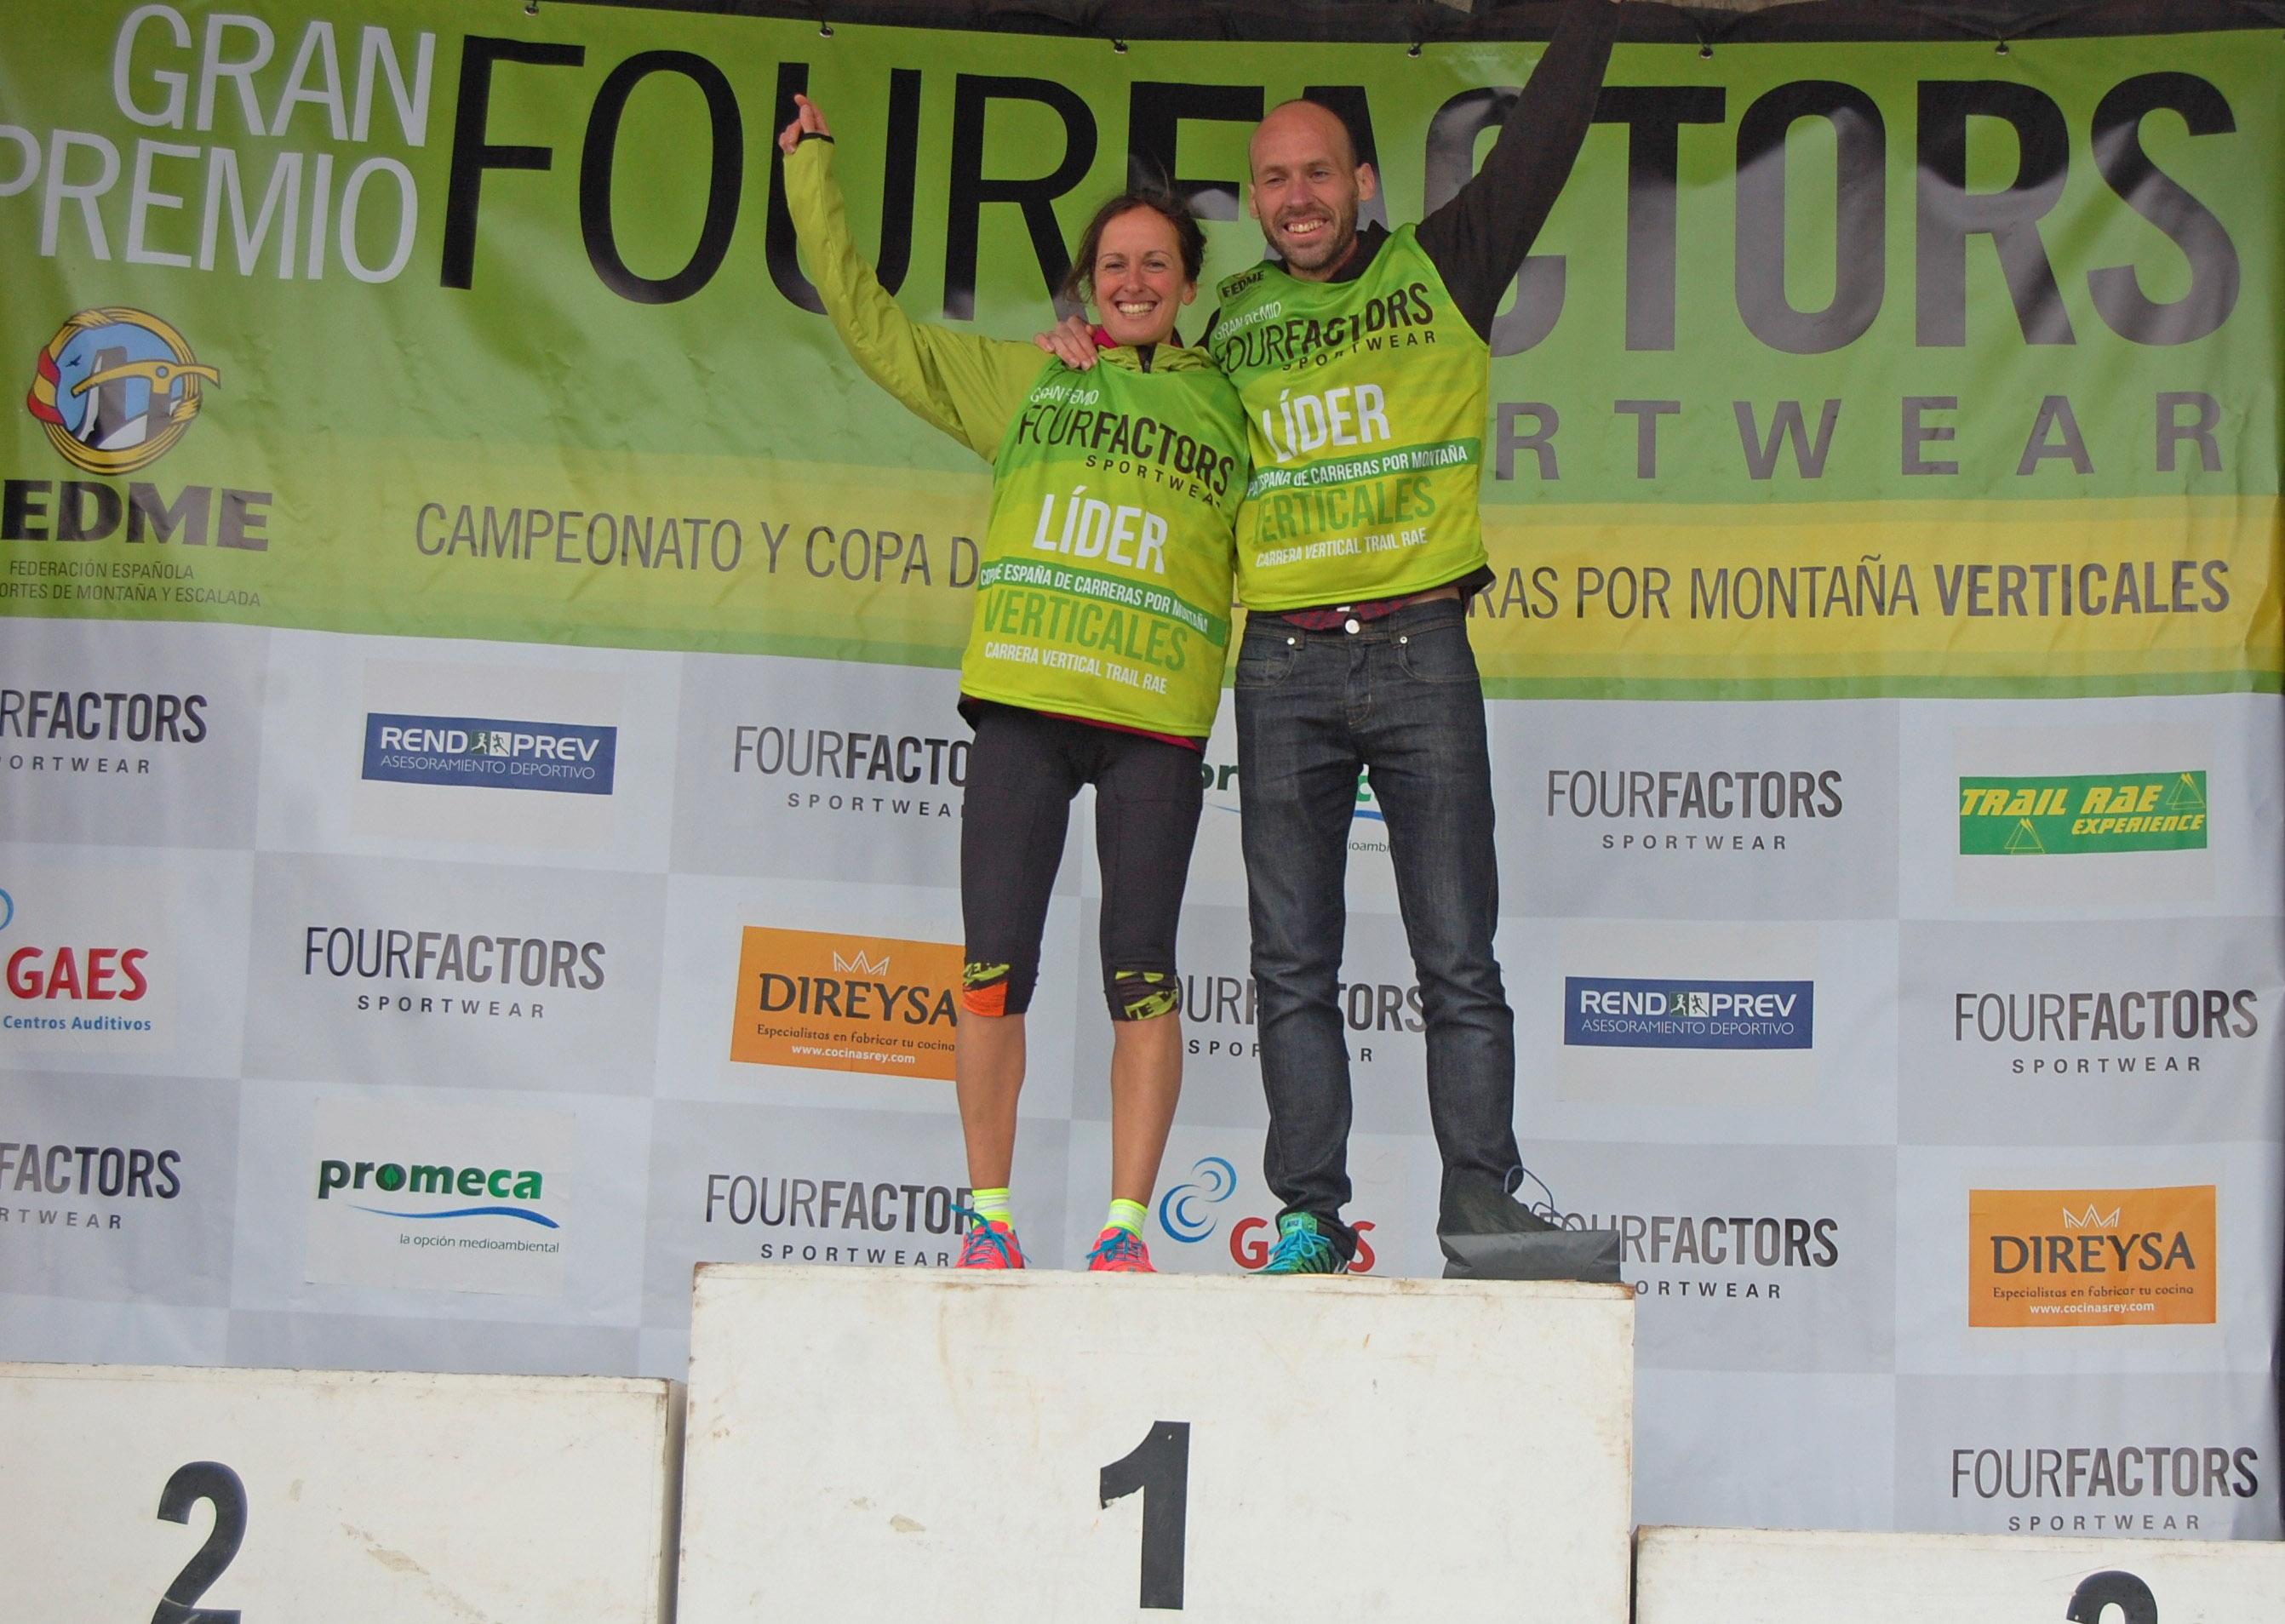 Azara García y Oier Ariznabarreta líderes de la Copa de España de Carreras por Montaña Verticales - GP Four Factors tras vencer el CV-TR 4.5 de Otañes